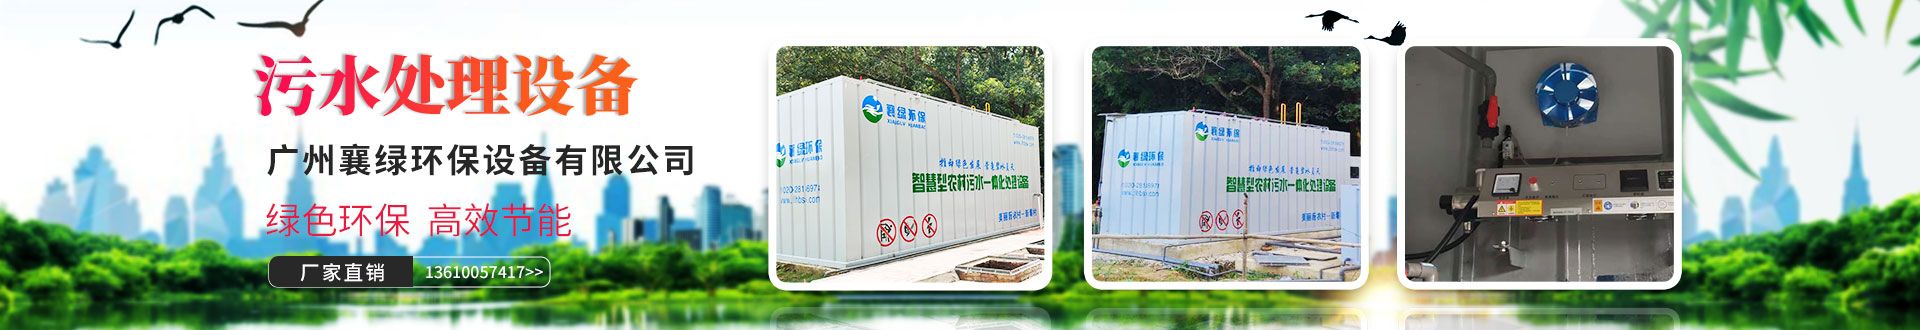 广州襄绿环保设备有限公司